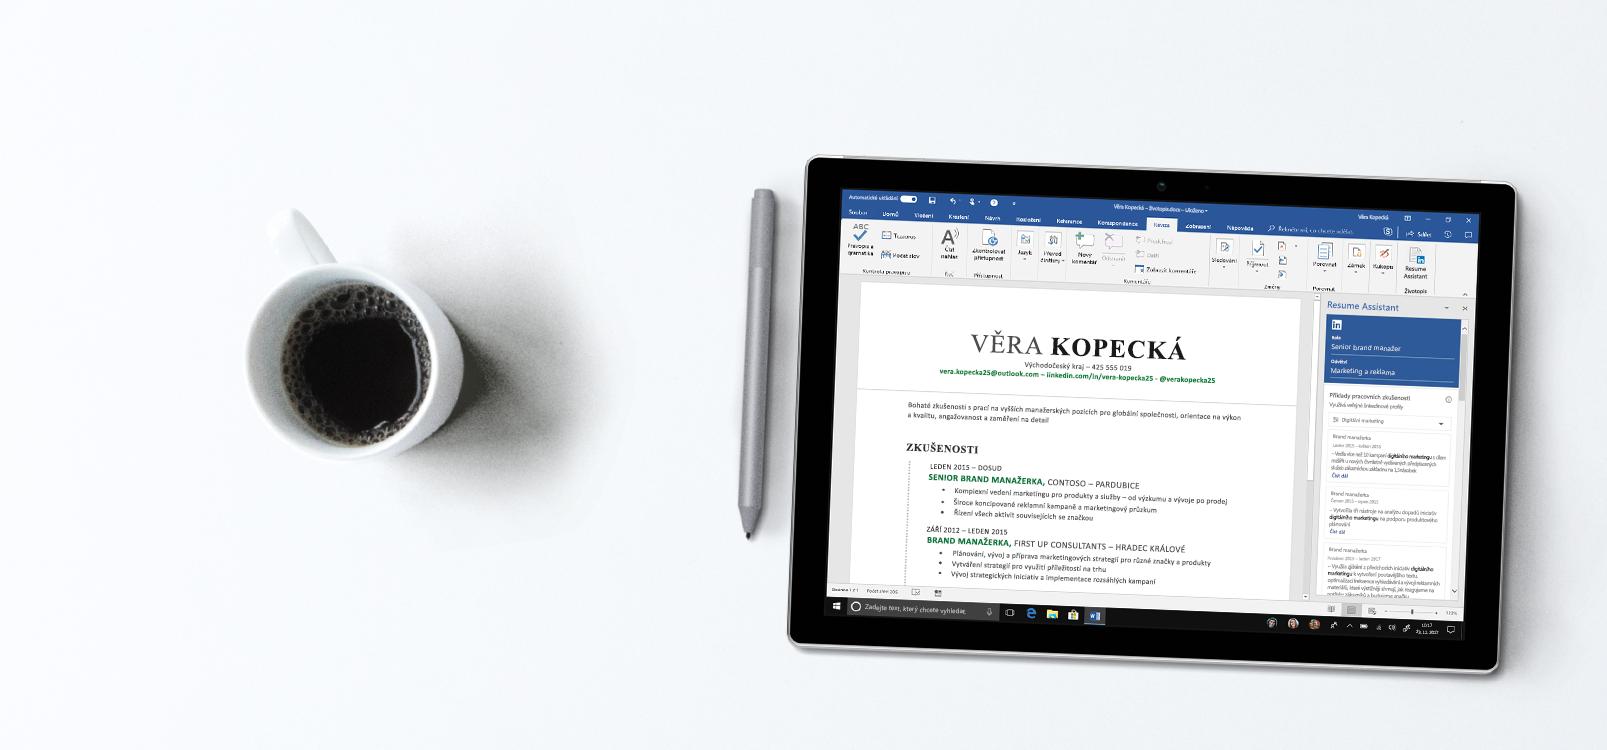 Obrazovka tabletu s Wordem se zobrazeným panelem Resume Assistant napravo s příklady životopisů